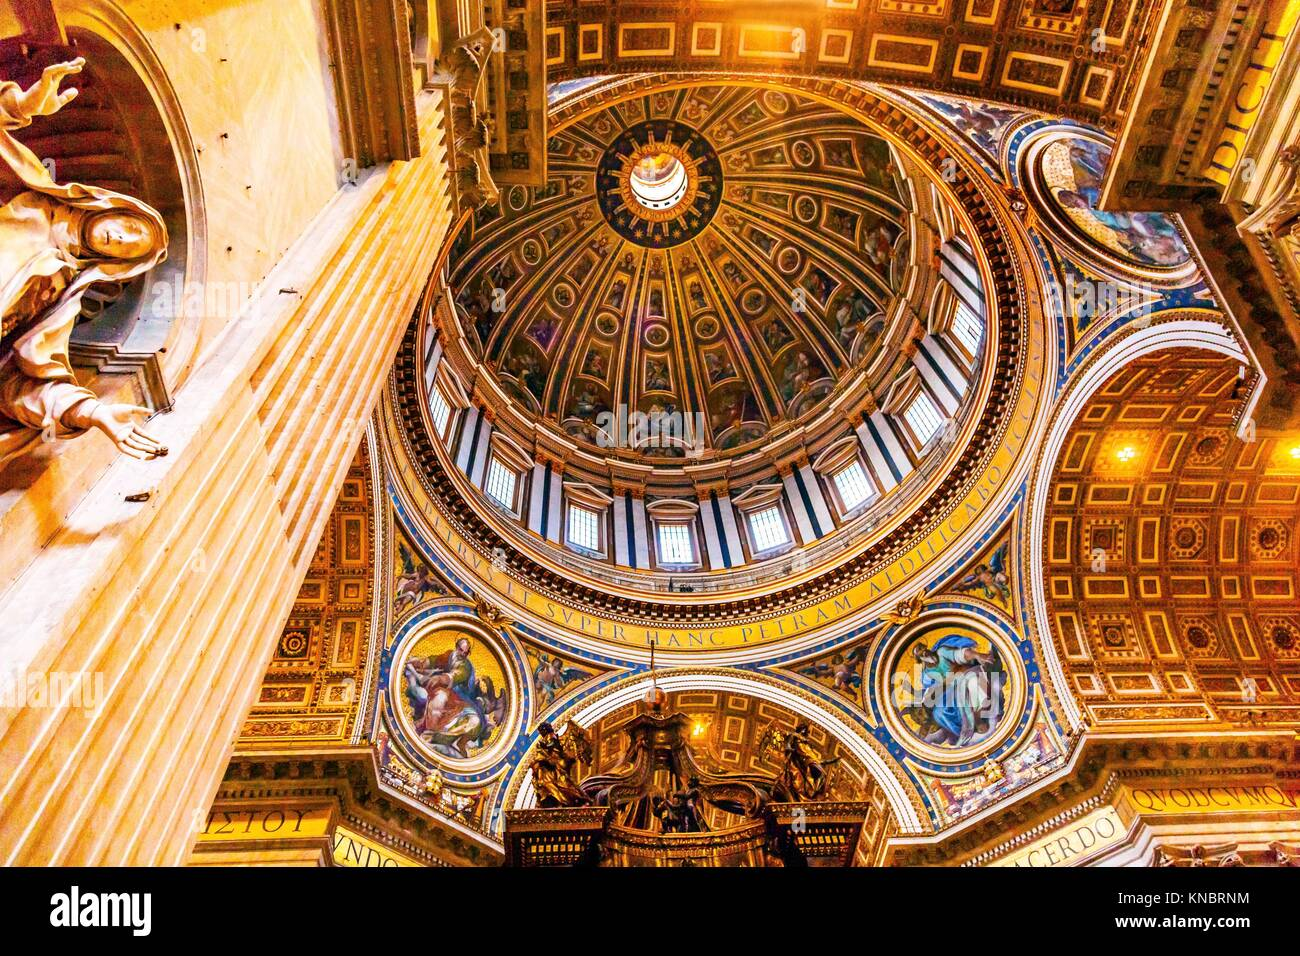 María estatua Michelangeolo Cúpula de la Basílica de San Pedro del Vaticano en Roma. Cúpula Imagen De Stock